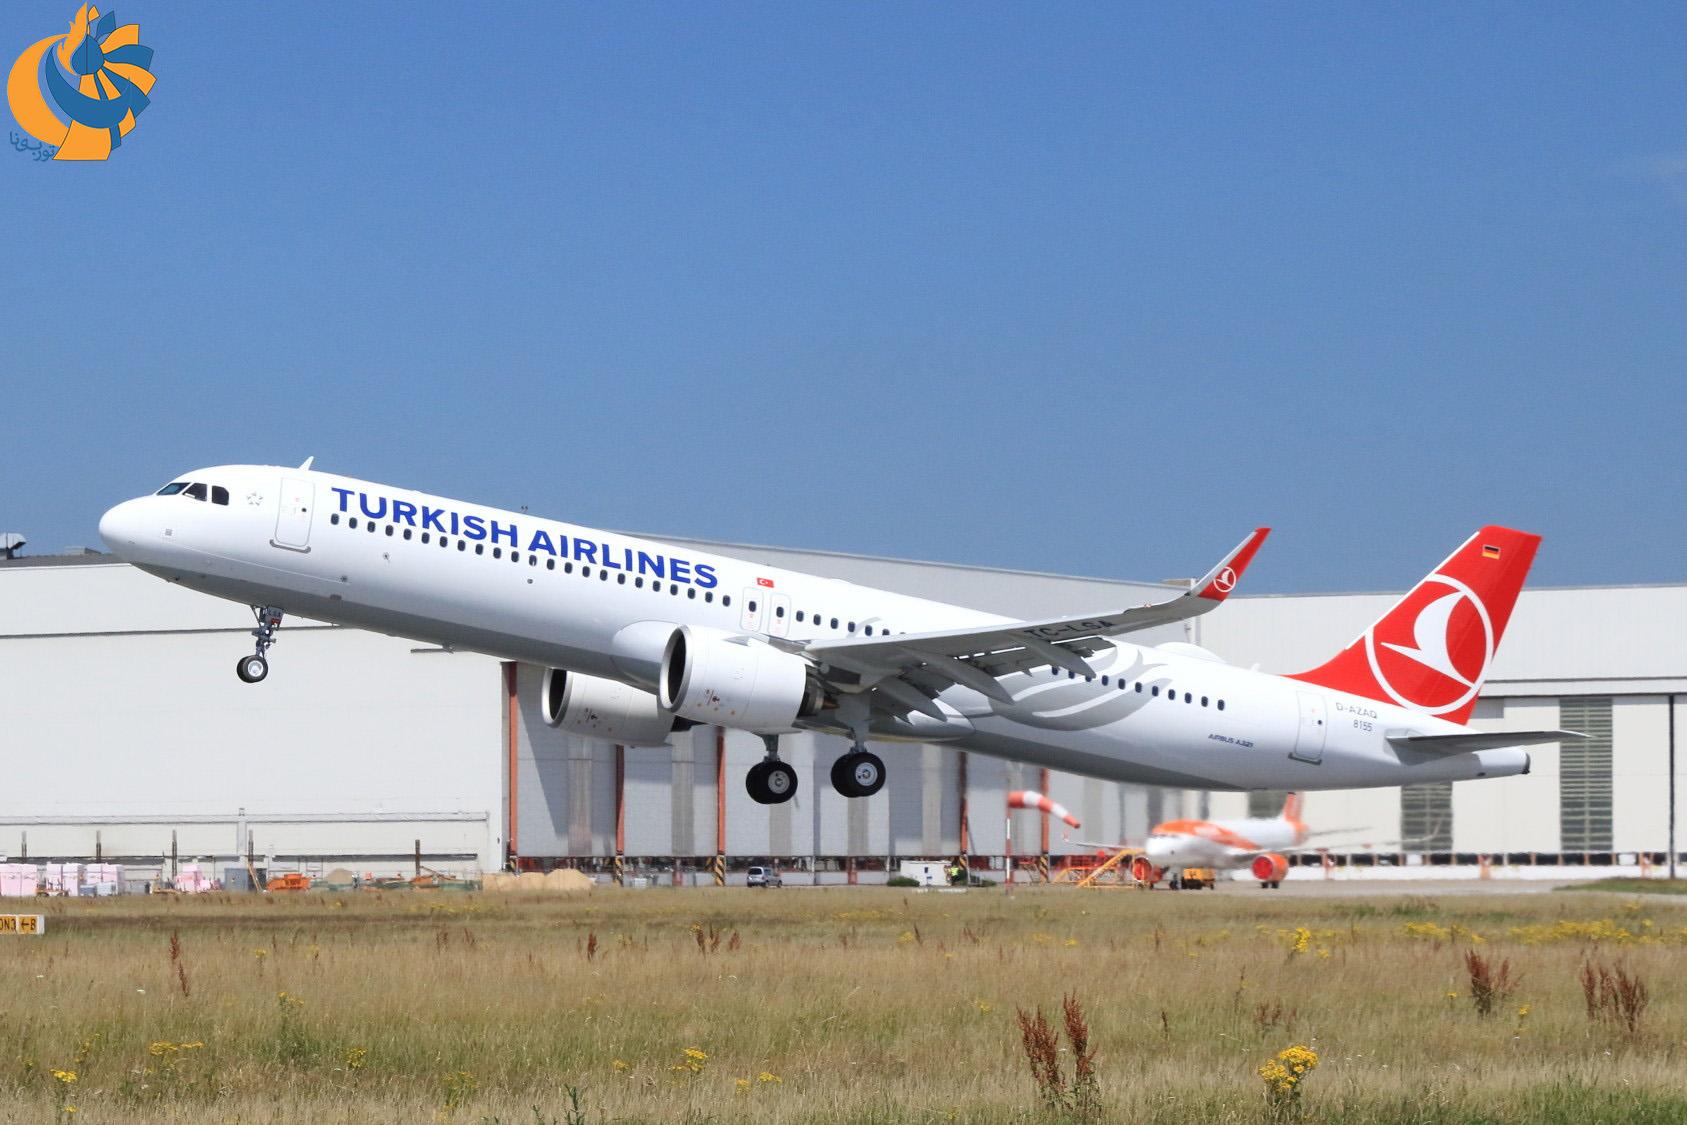 دردسر شرکت هواپیمایی ترکیه با موتورهای پرحاشیه PW1100G محصول Pratt & Whitney